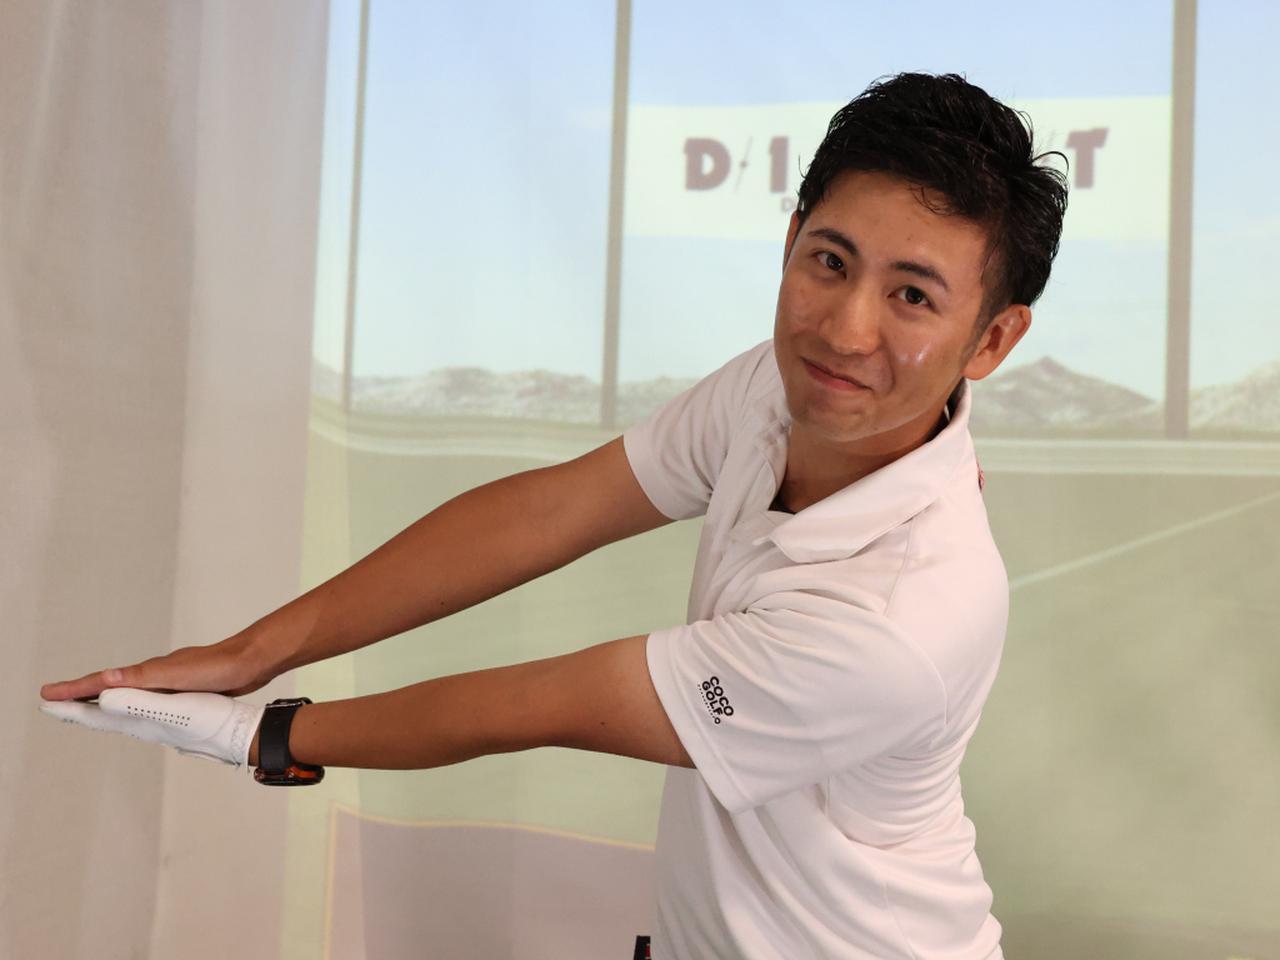 画像: 両手のひらをピッタリとつけ、三角形のシルエットを維持しながらシャドースウィングするドリル。クラブを使わずともテークバックの感覚をつかむことができる